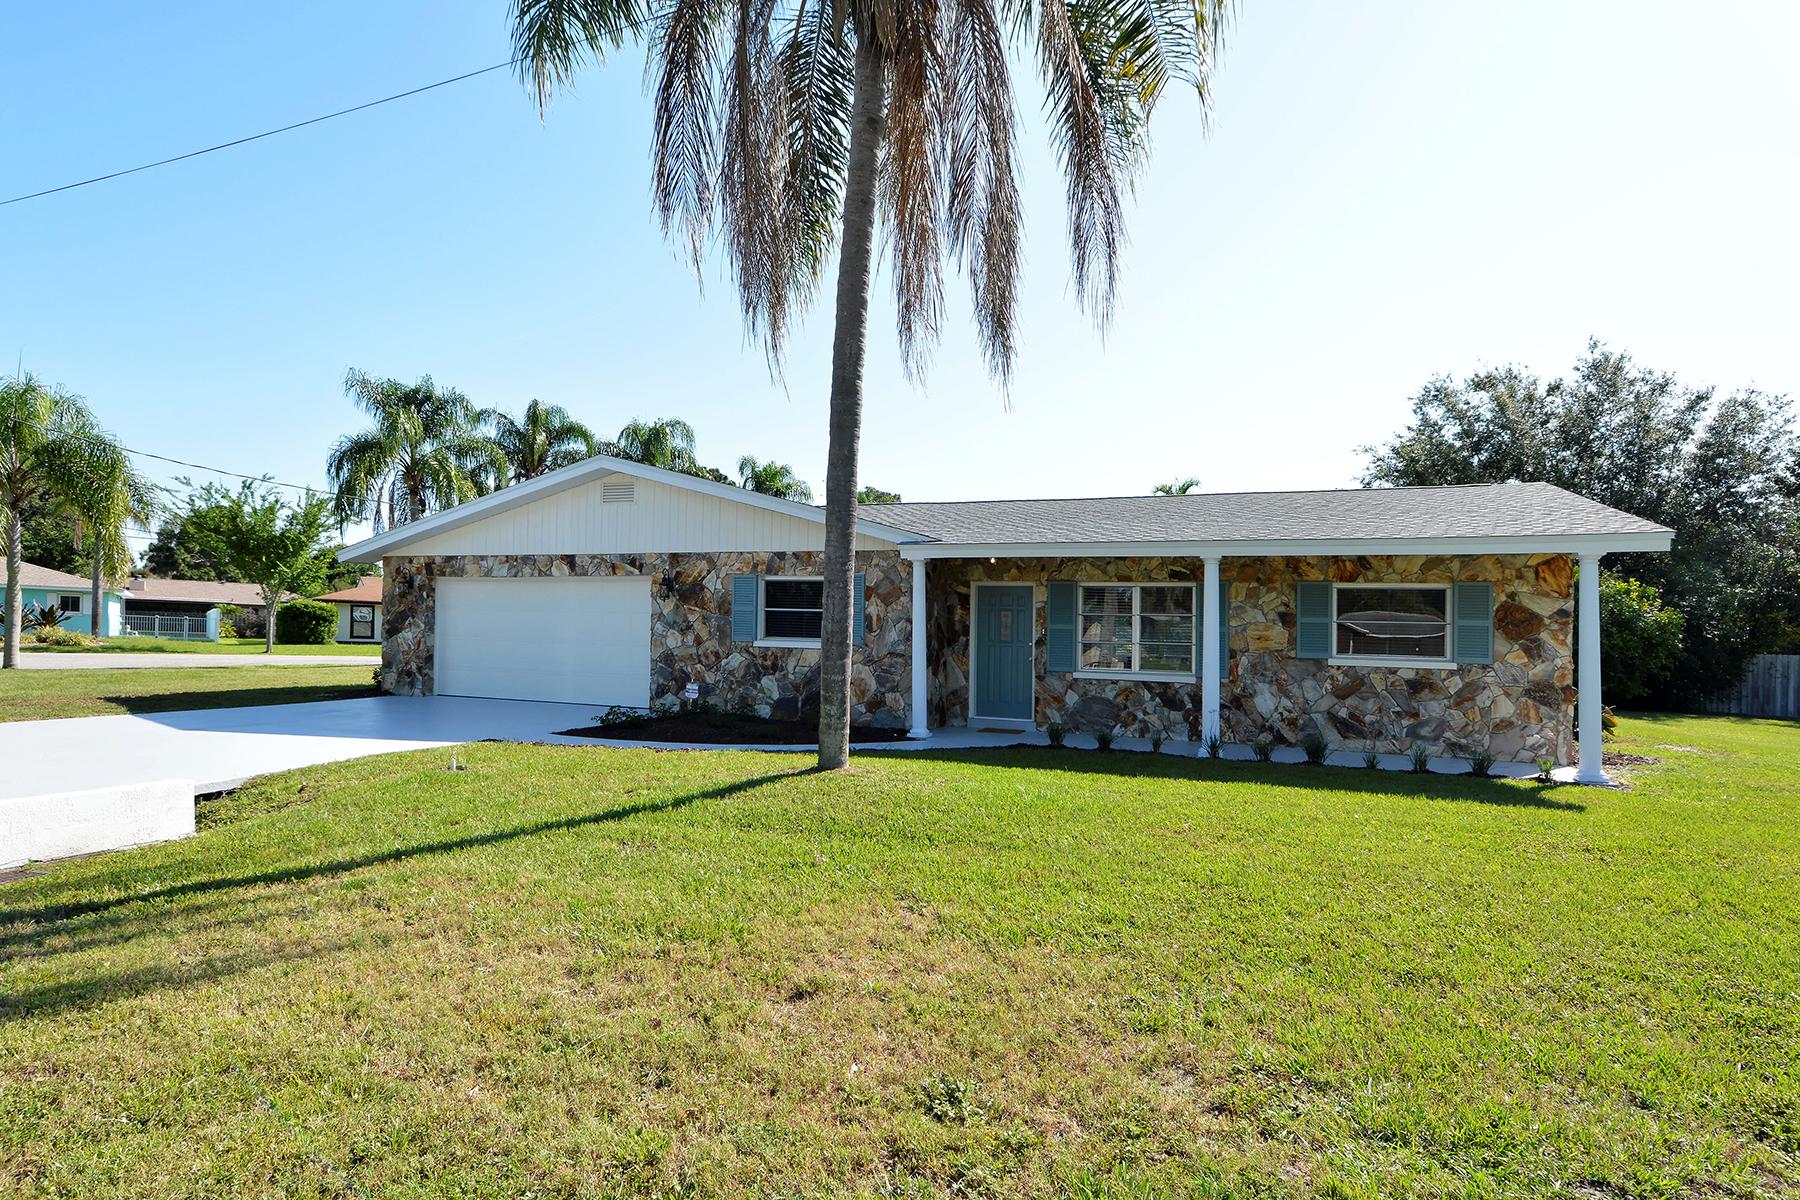 Частный односемейный дом для того Продажа на SOUTH VENICE 3081 Argyle Rd Venice, Флорида, 34293 Соединенные Штаты